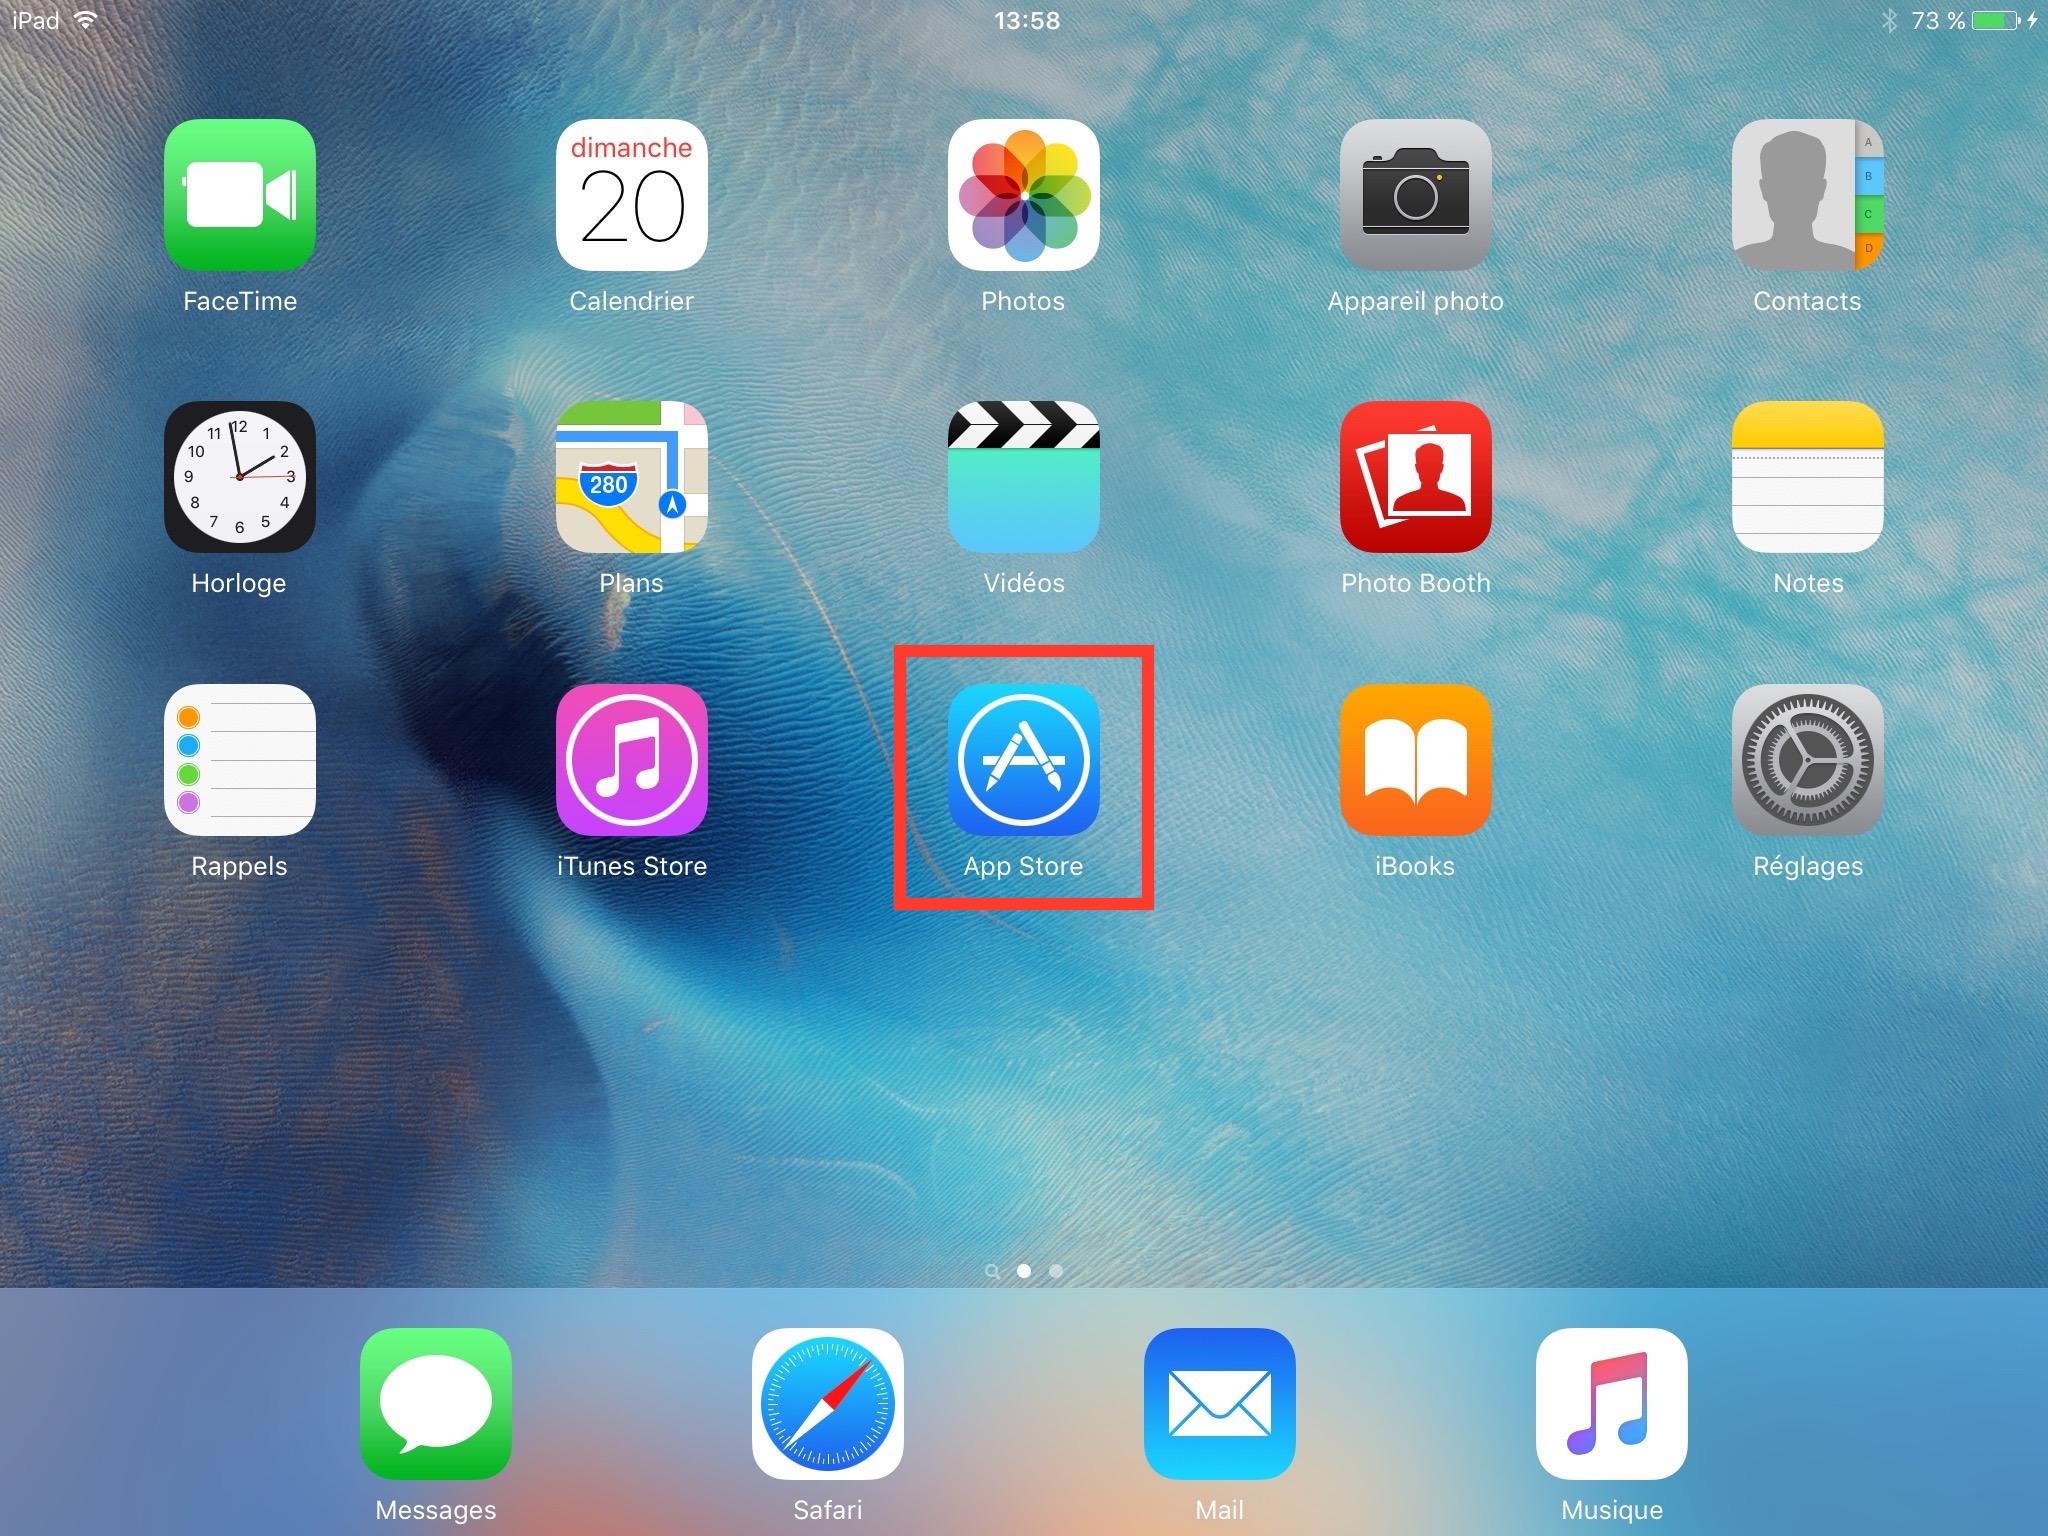 Pour mise à jour d'apps, appuyez sur App Store